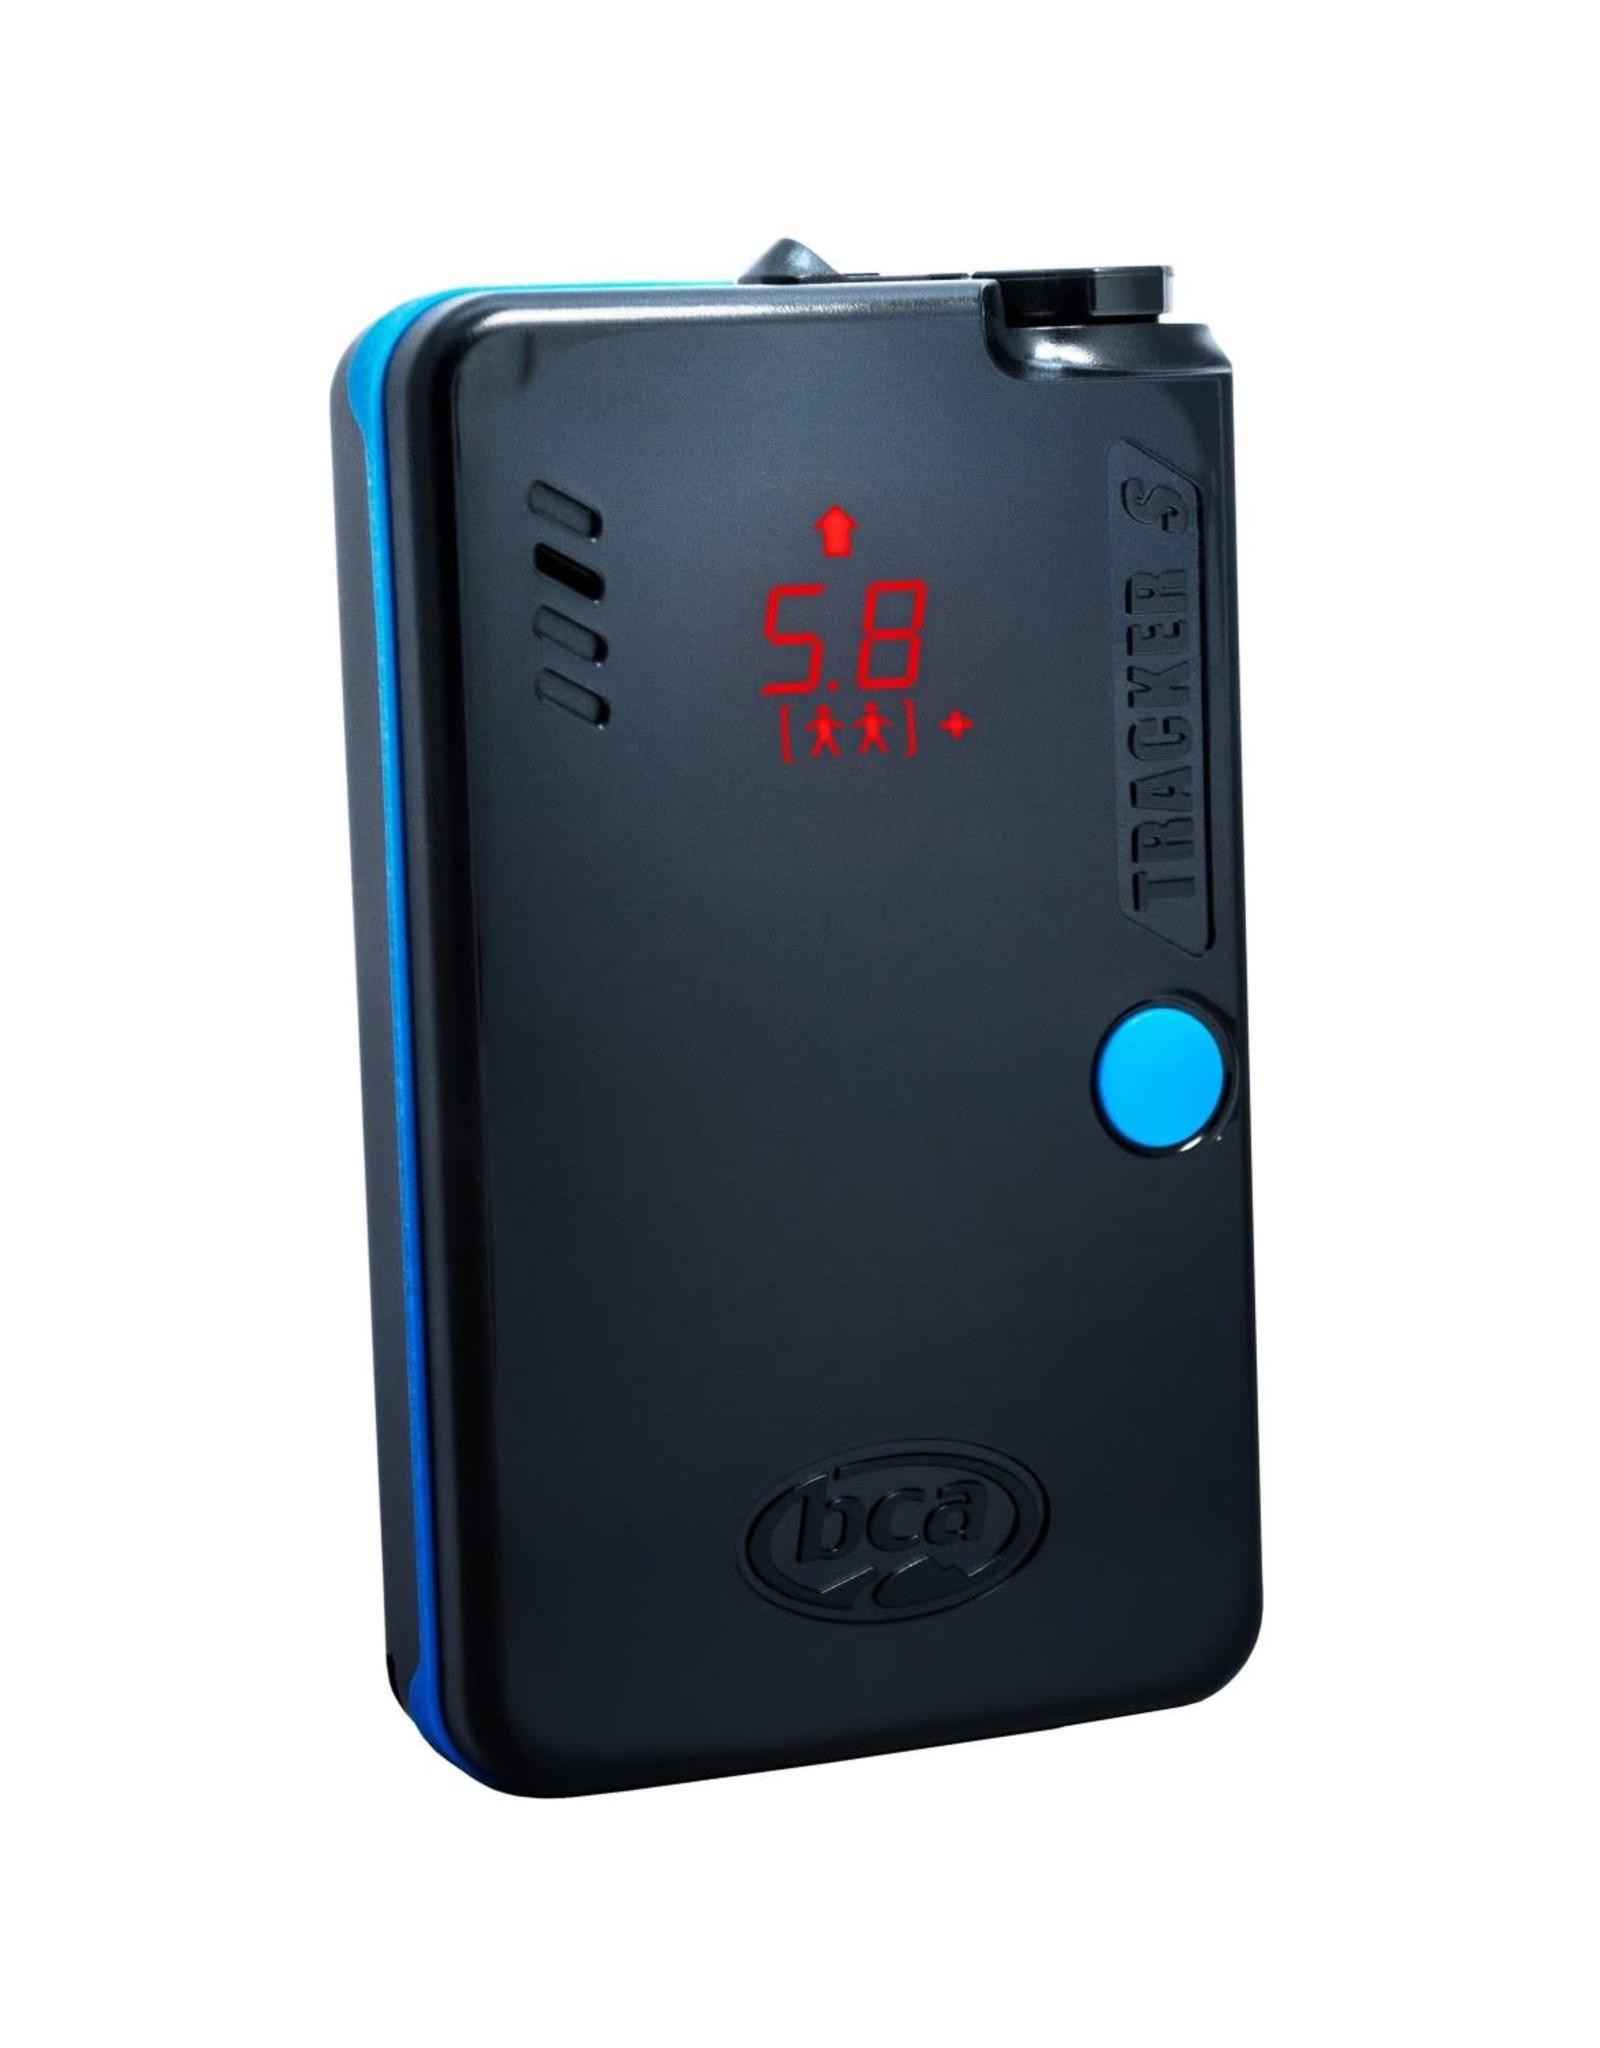 Backcountry Access DVA BCA Tracker S